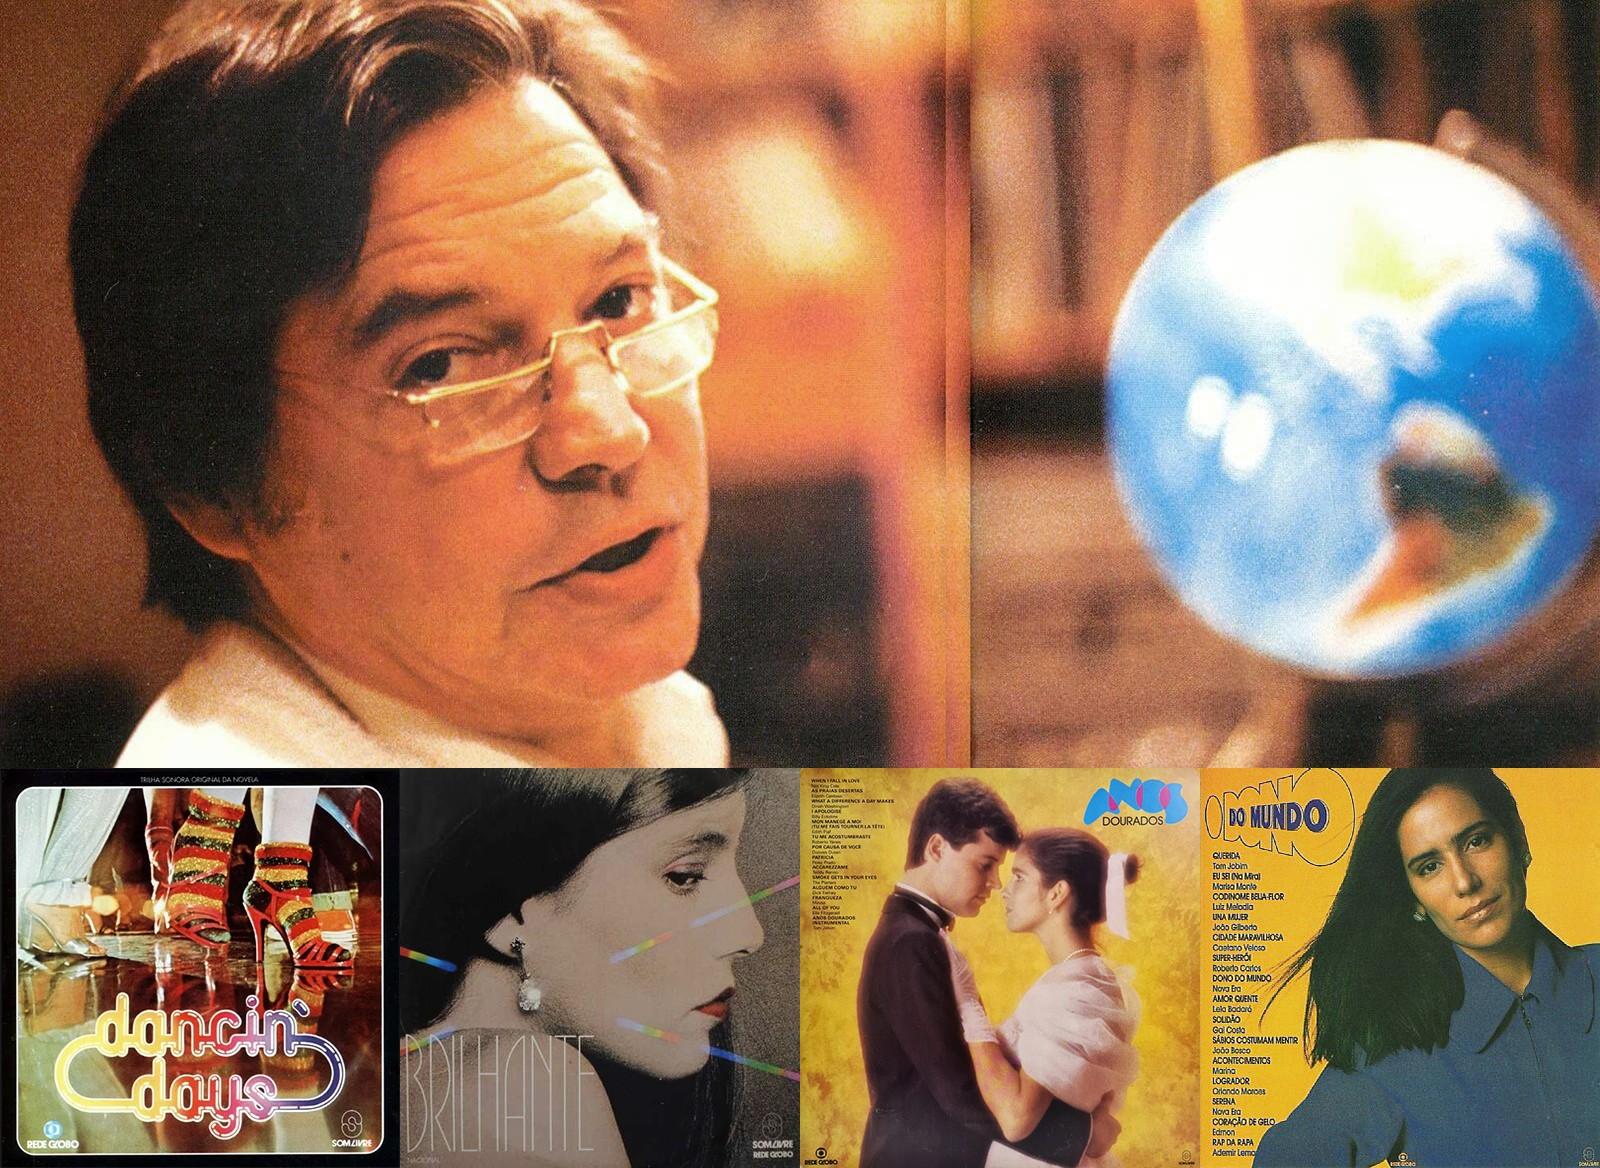 Novelas e séries de Gilberto Braga também deixam legado na música brasileira com trilhas sonoras históricas